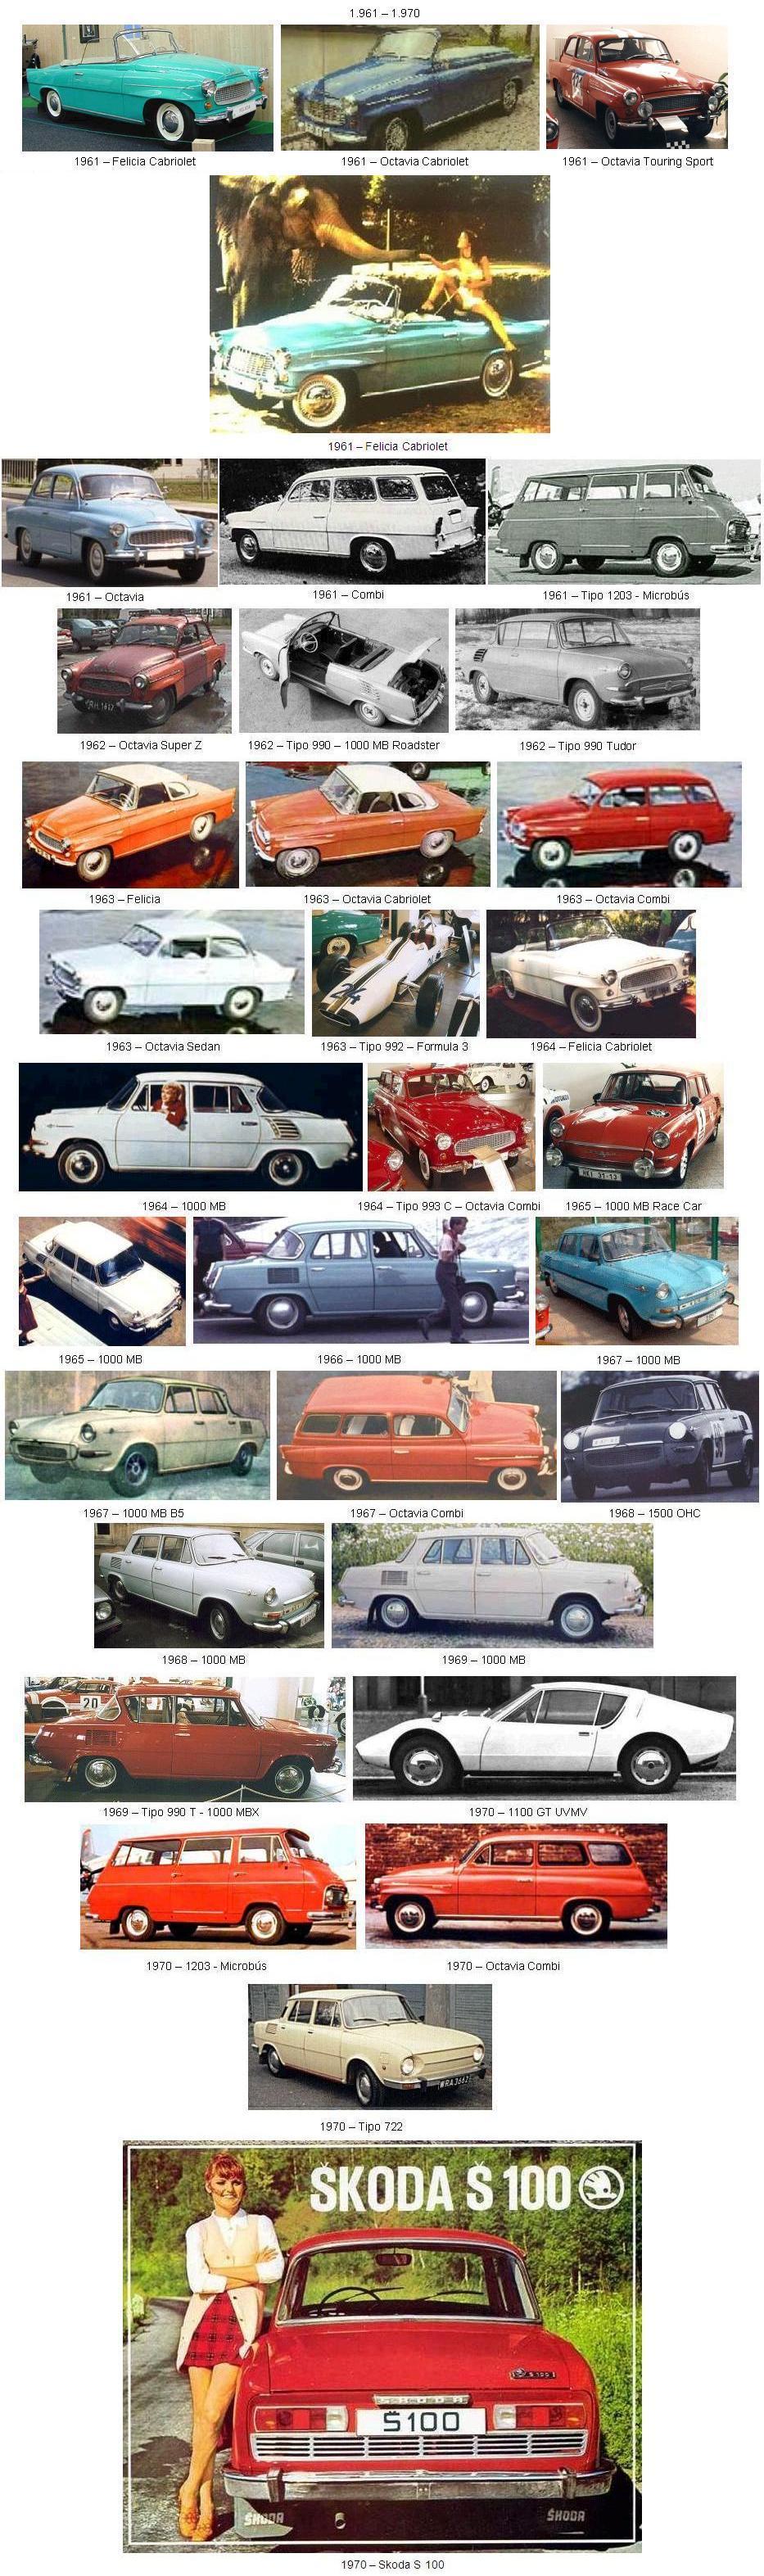 Historia de Skoda. SKODA-05-(1961-1970)